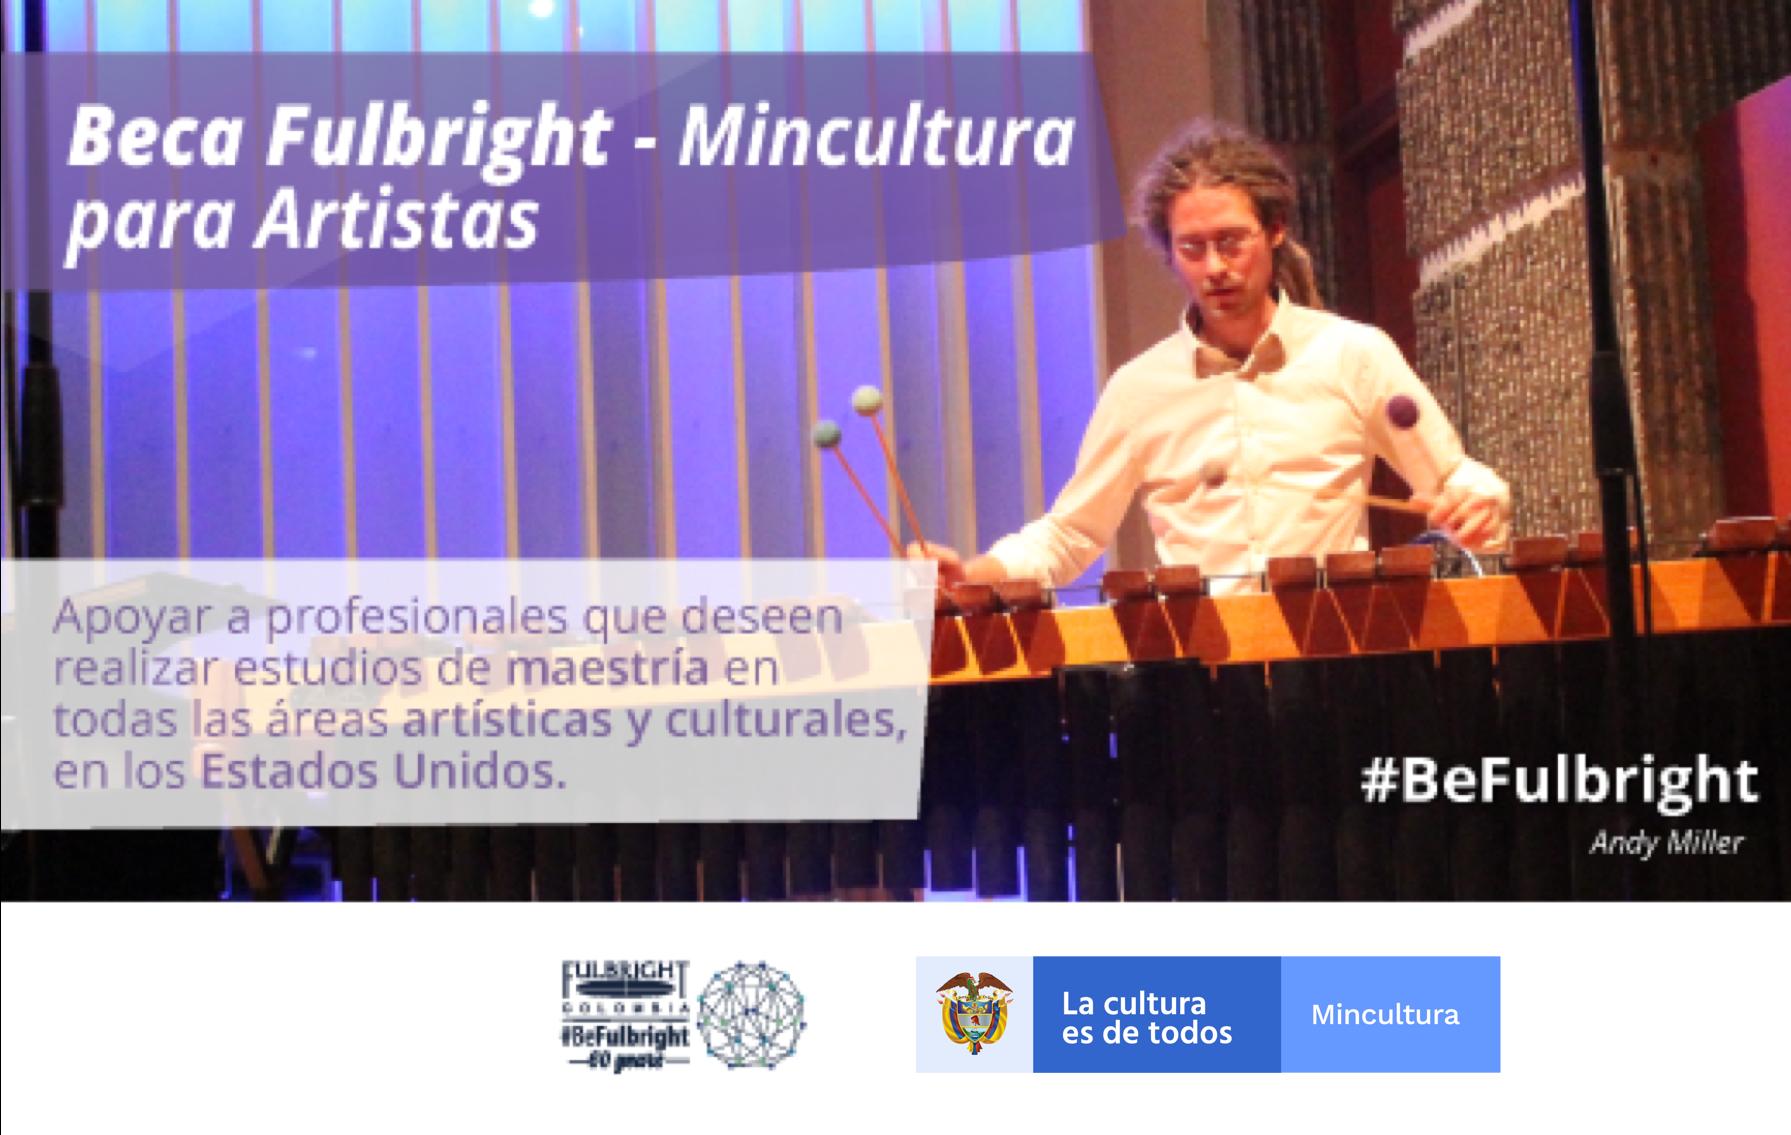 Beca Fulbright-Mincultura para artistas 2019